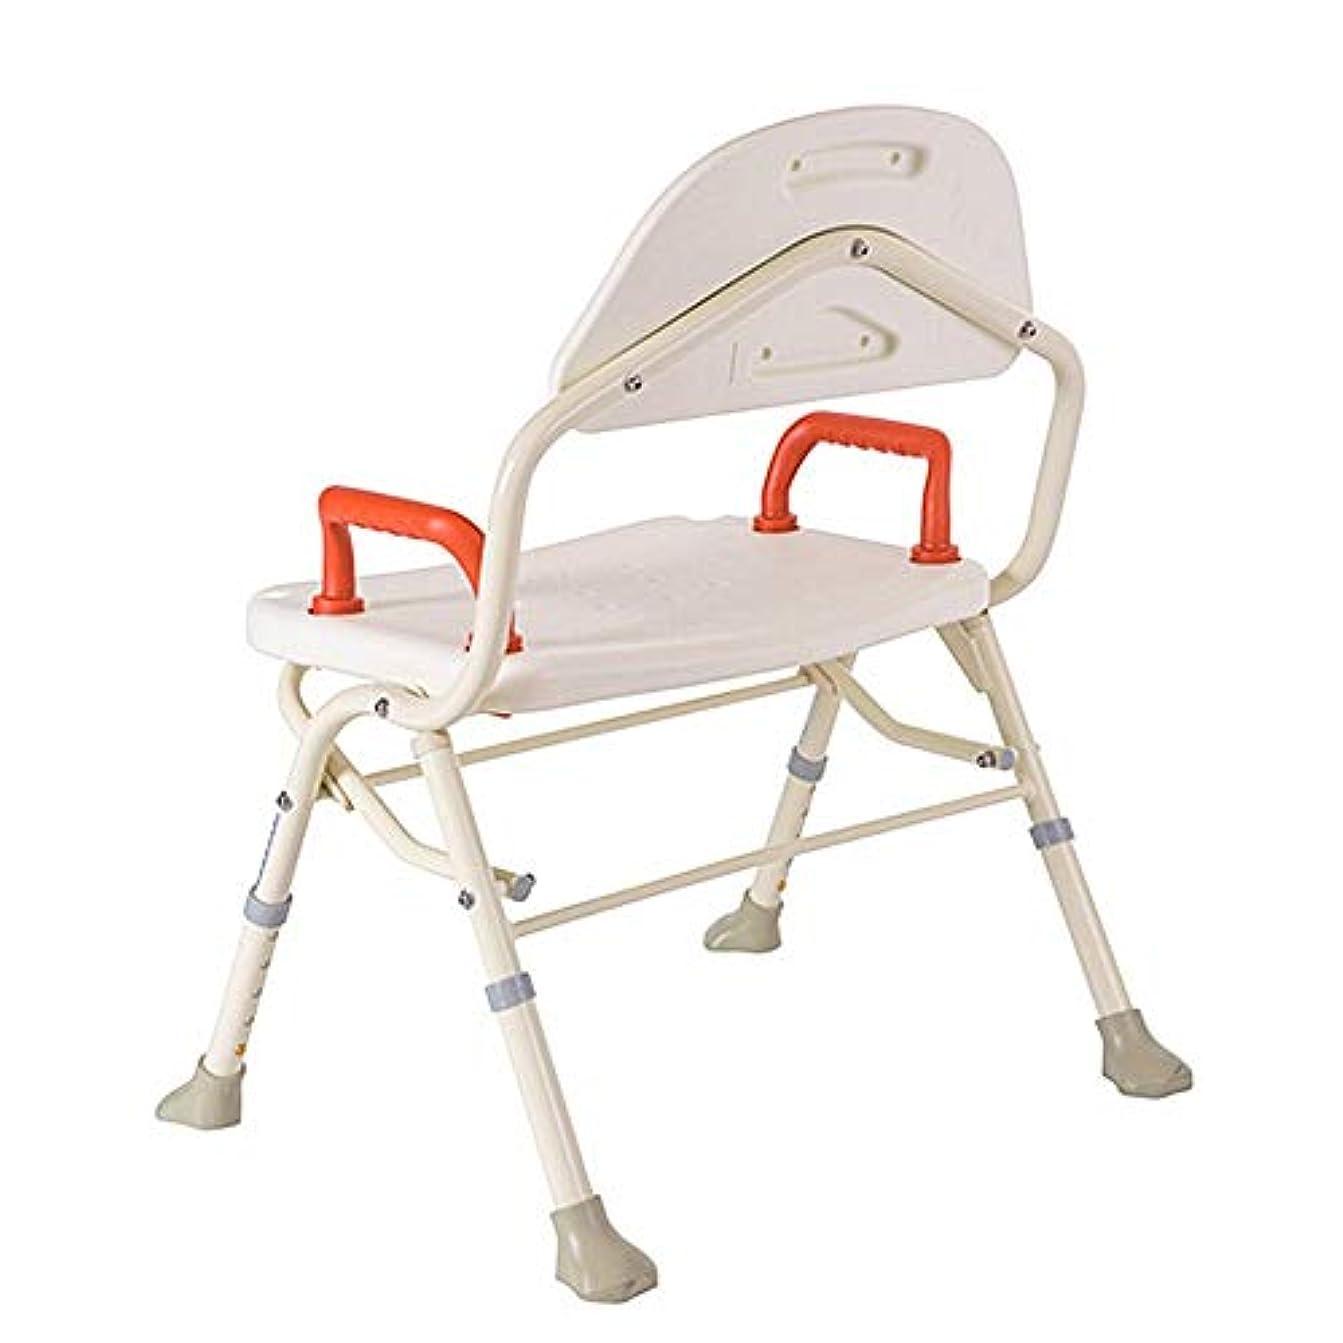 留まる円形センチメートル背もたれのあるシャワースツール、調節可能なシャワーシート、アーム付きのバスチェア、高齢者用のパッド入りシート、身体障害者の安定性